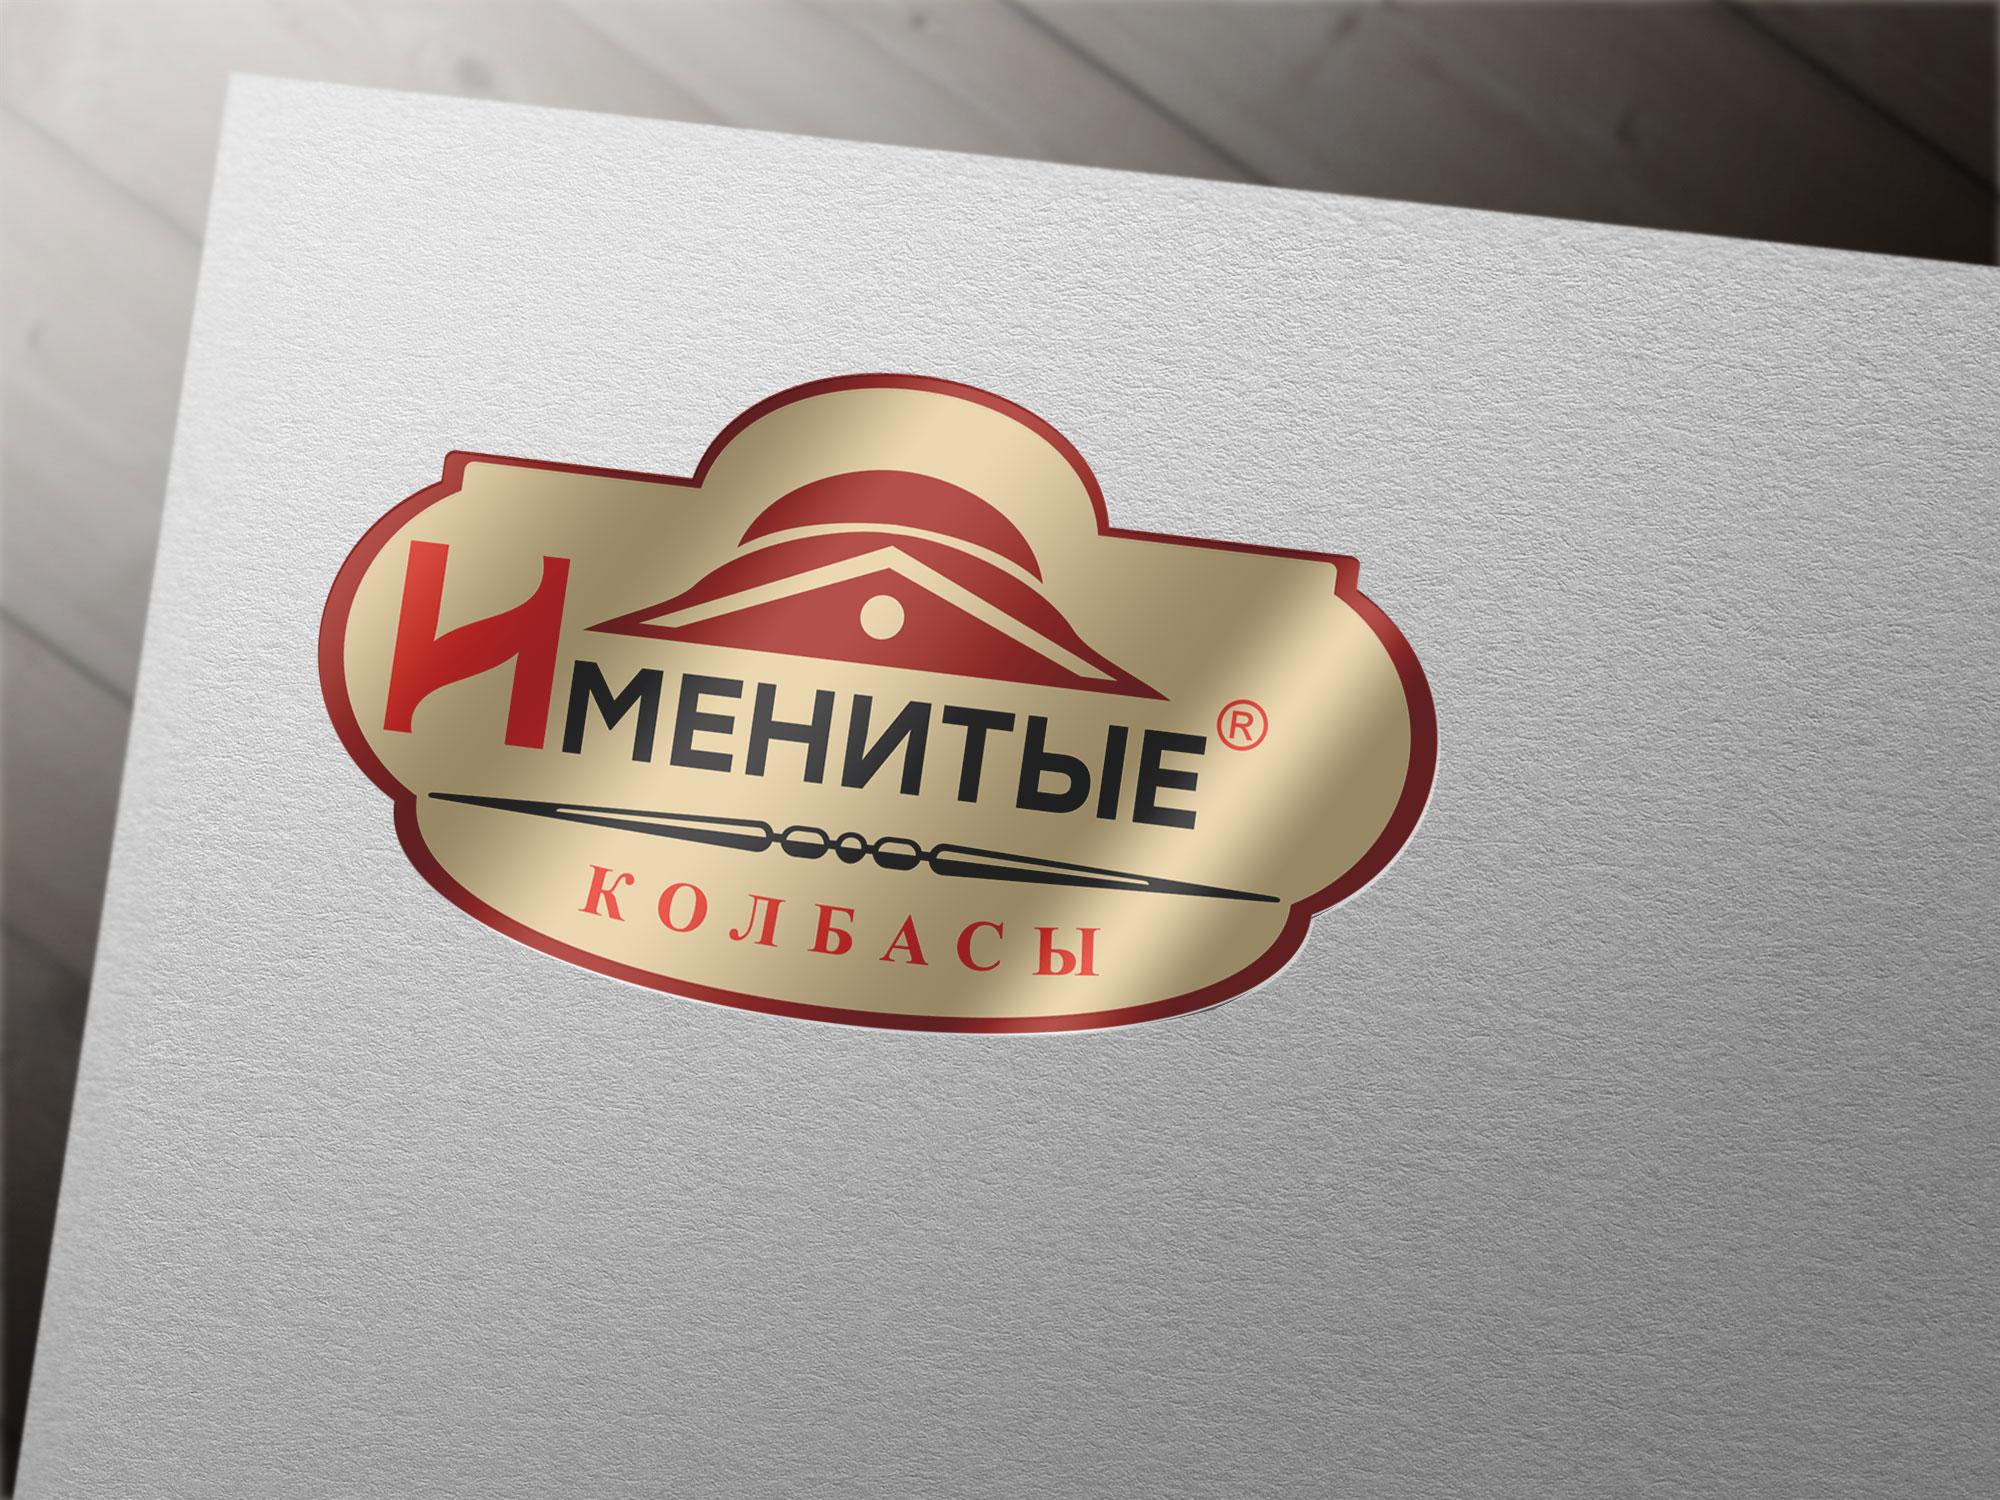 Логотип и фирменный стиль продуктов питания фото f_0975bb5d696ce880.jpg